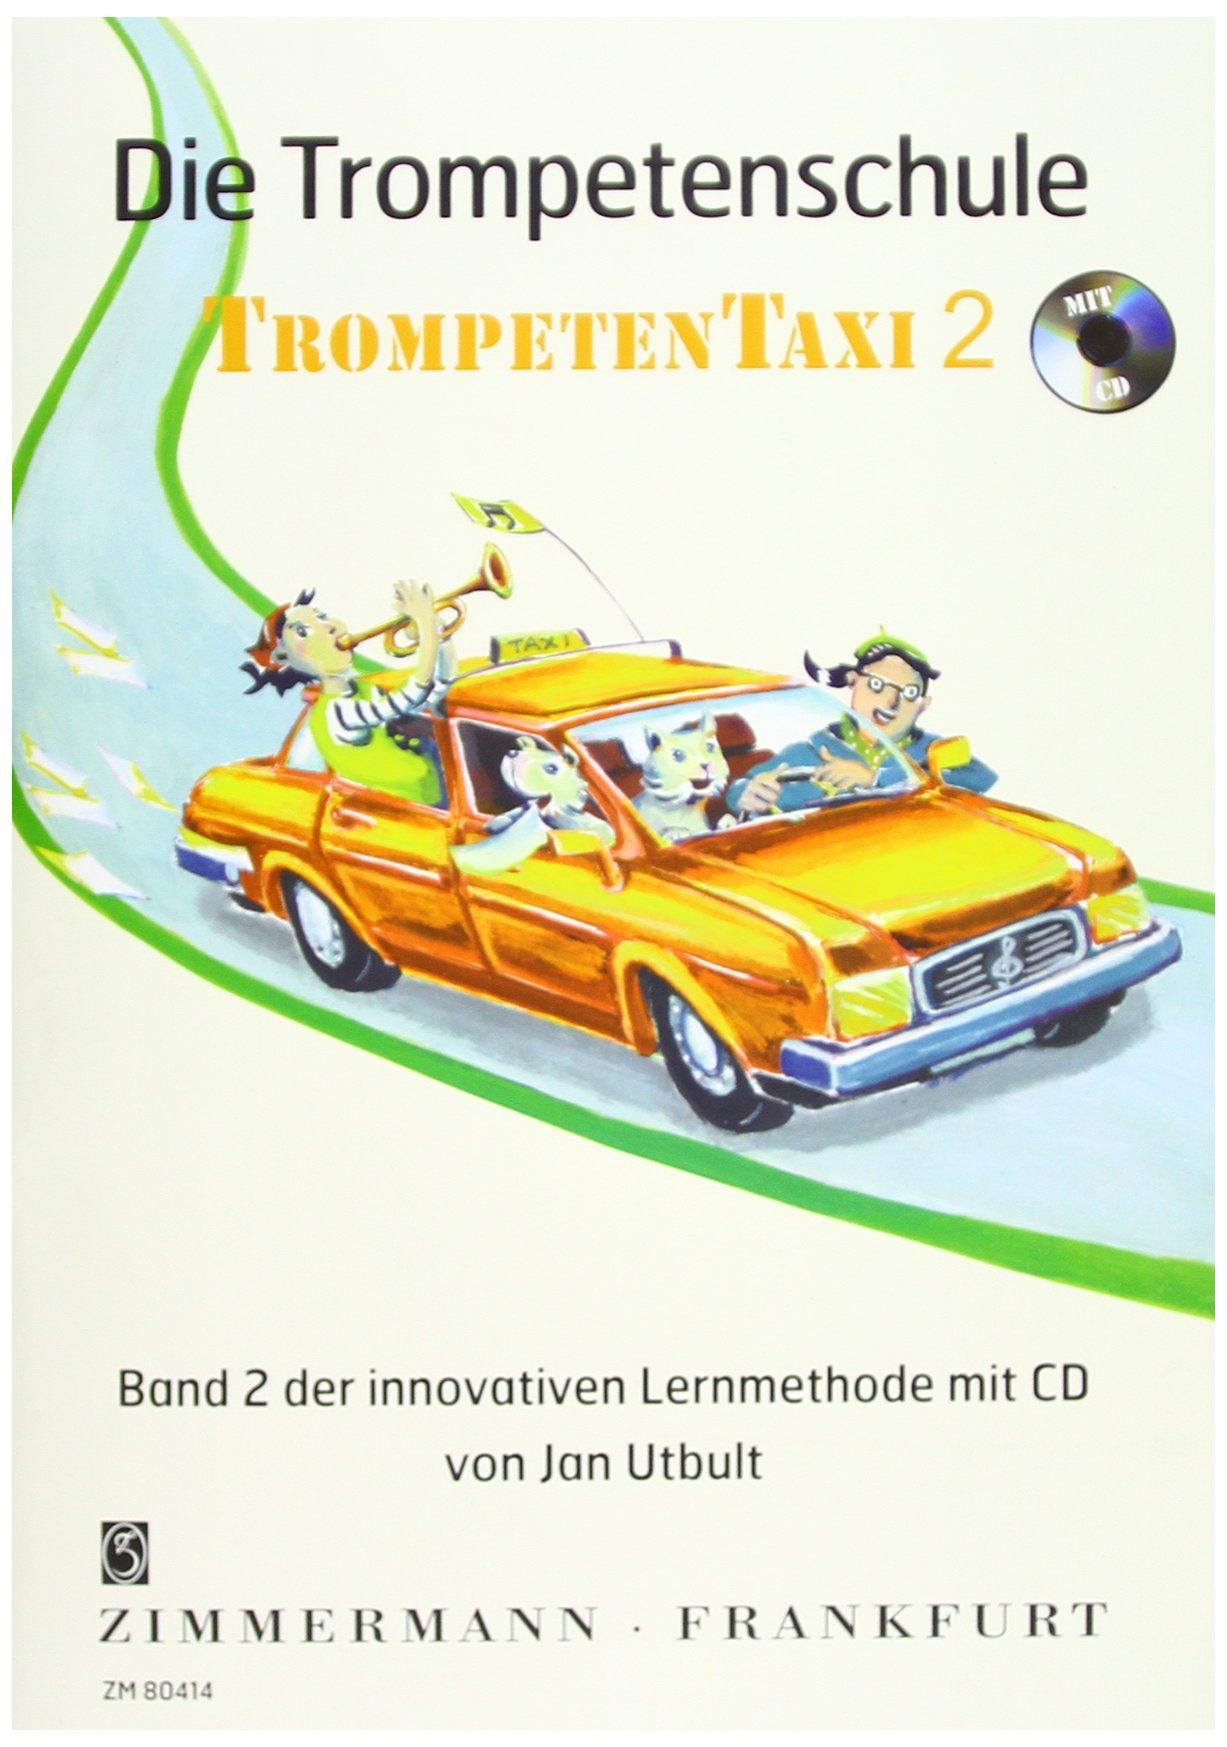 Die Trompetenschule: Trompetentaxi. Band 2. Trompete. Ausgabe mit CD.